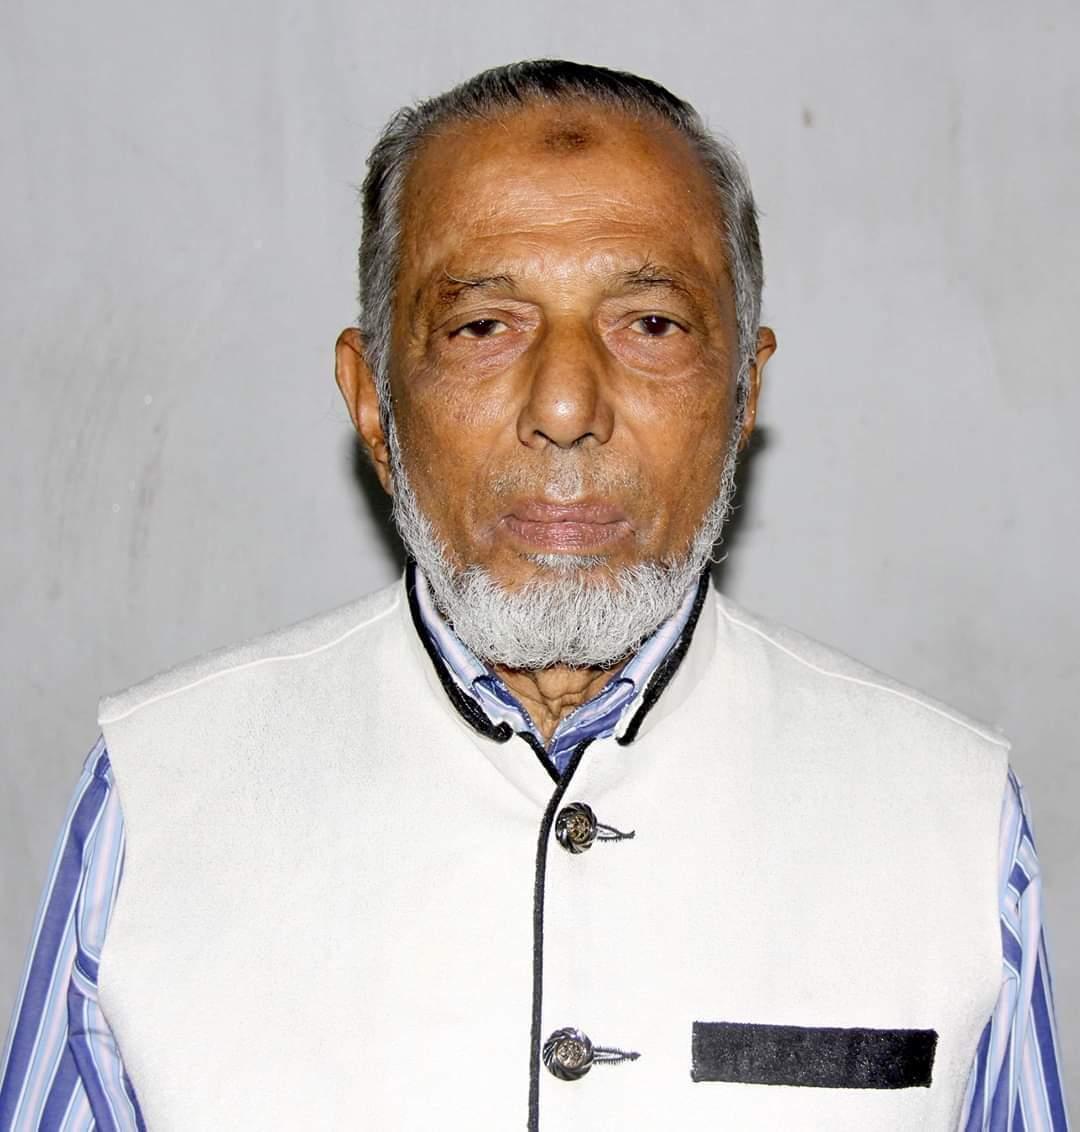 বগুড়ার বিশিষ্ট সাংবাদিক অধ্যাপক মোজাম্মেল হক তালুকদারের ইন্তেকাল